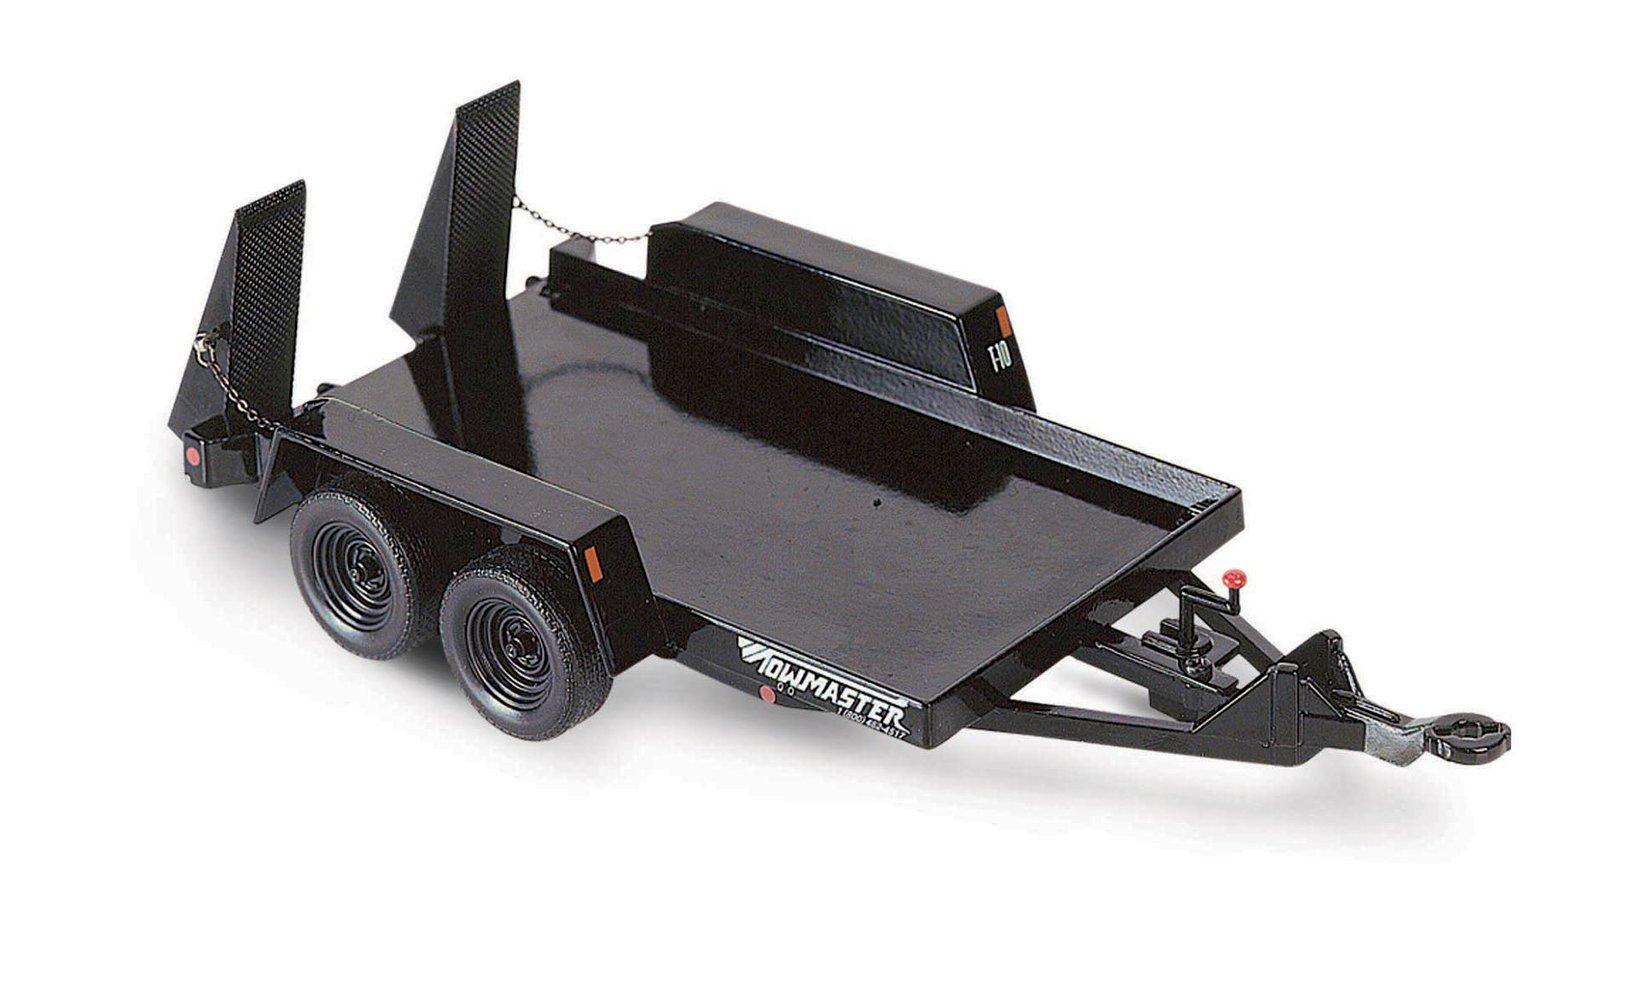 Bobcat 6988128 Die Cast Model Vehicle